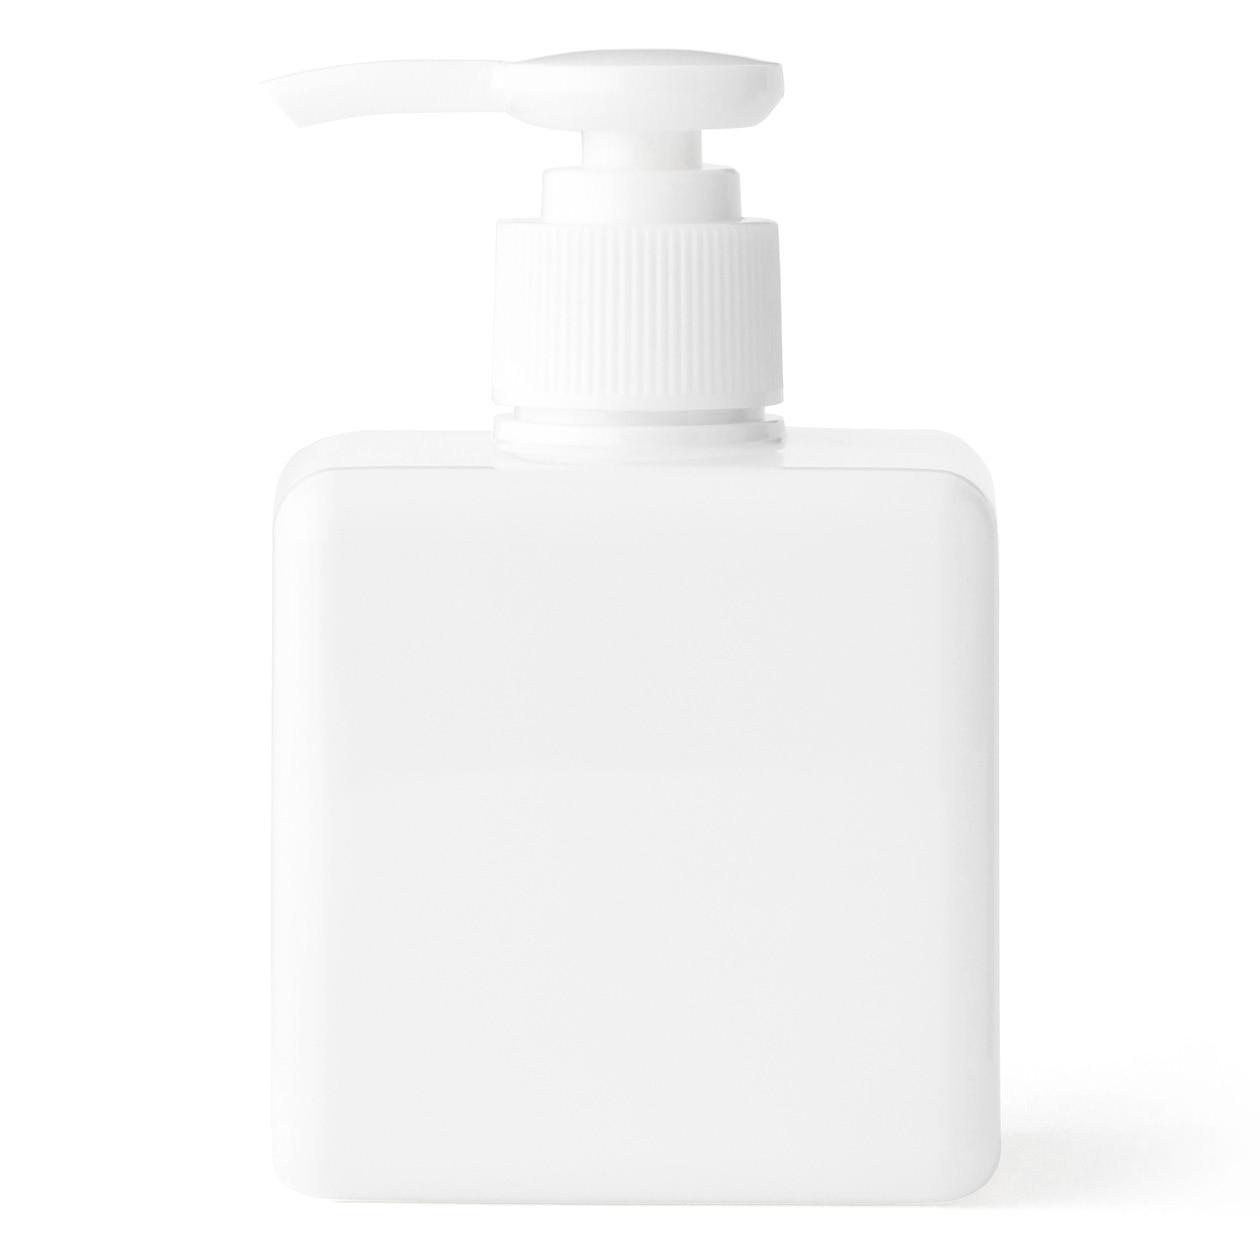 PET詰替ボトル クリア 250ml用 ホワイト